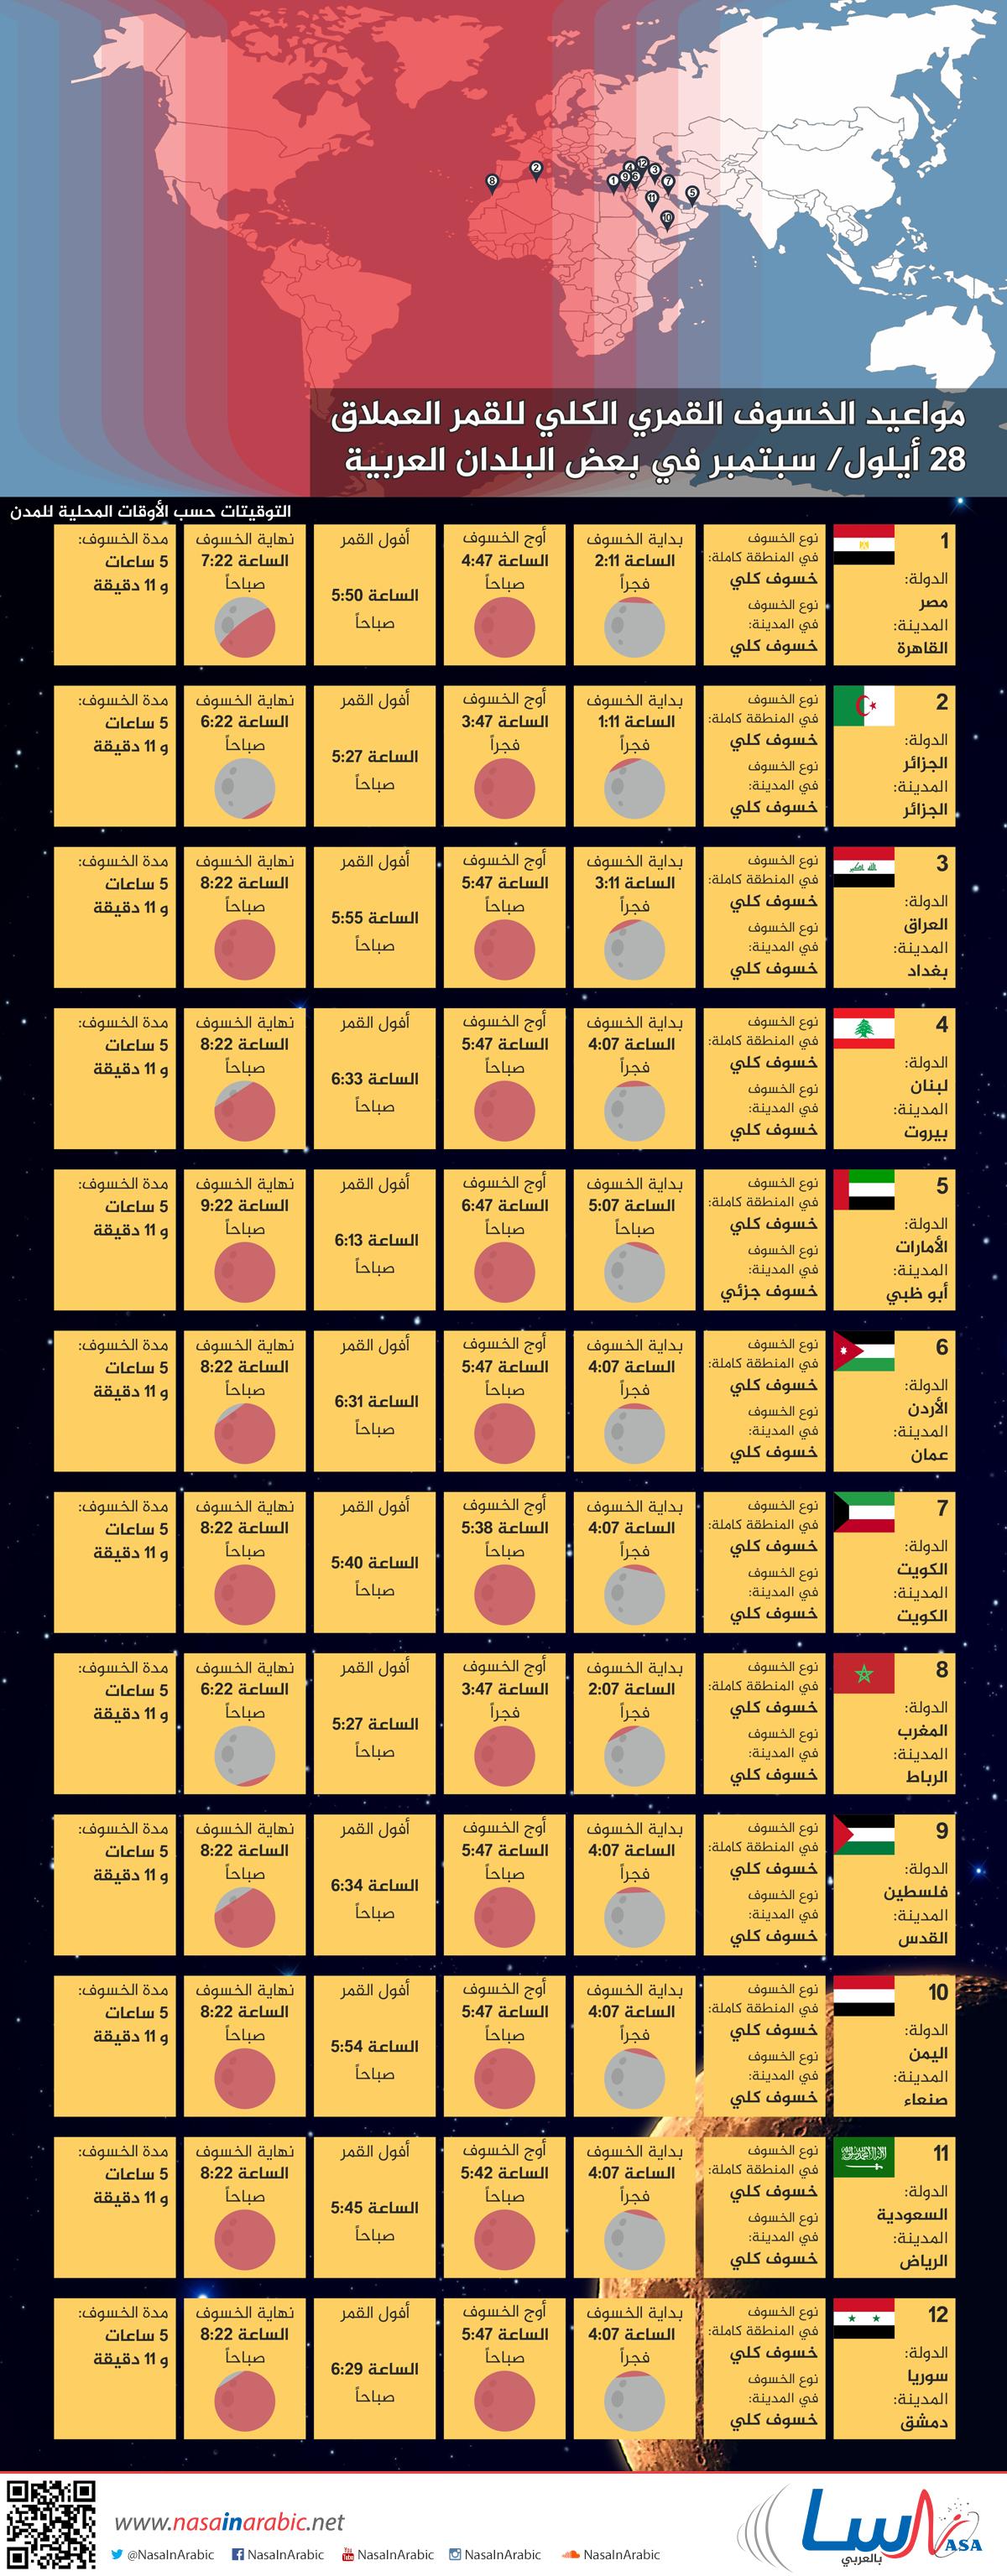 مواعيد الخسوف الكلي للقمر العملاق، يوم 28 سبتمبر في بعض البلدان العربية